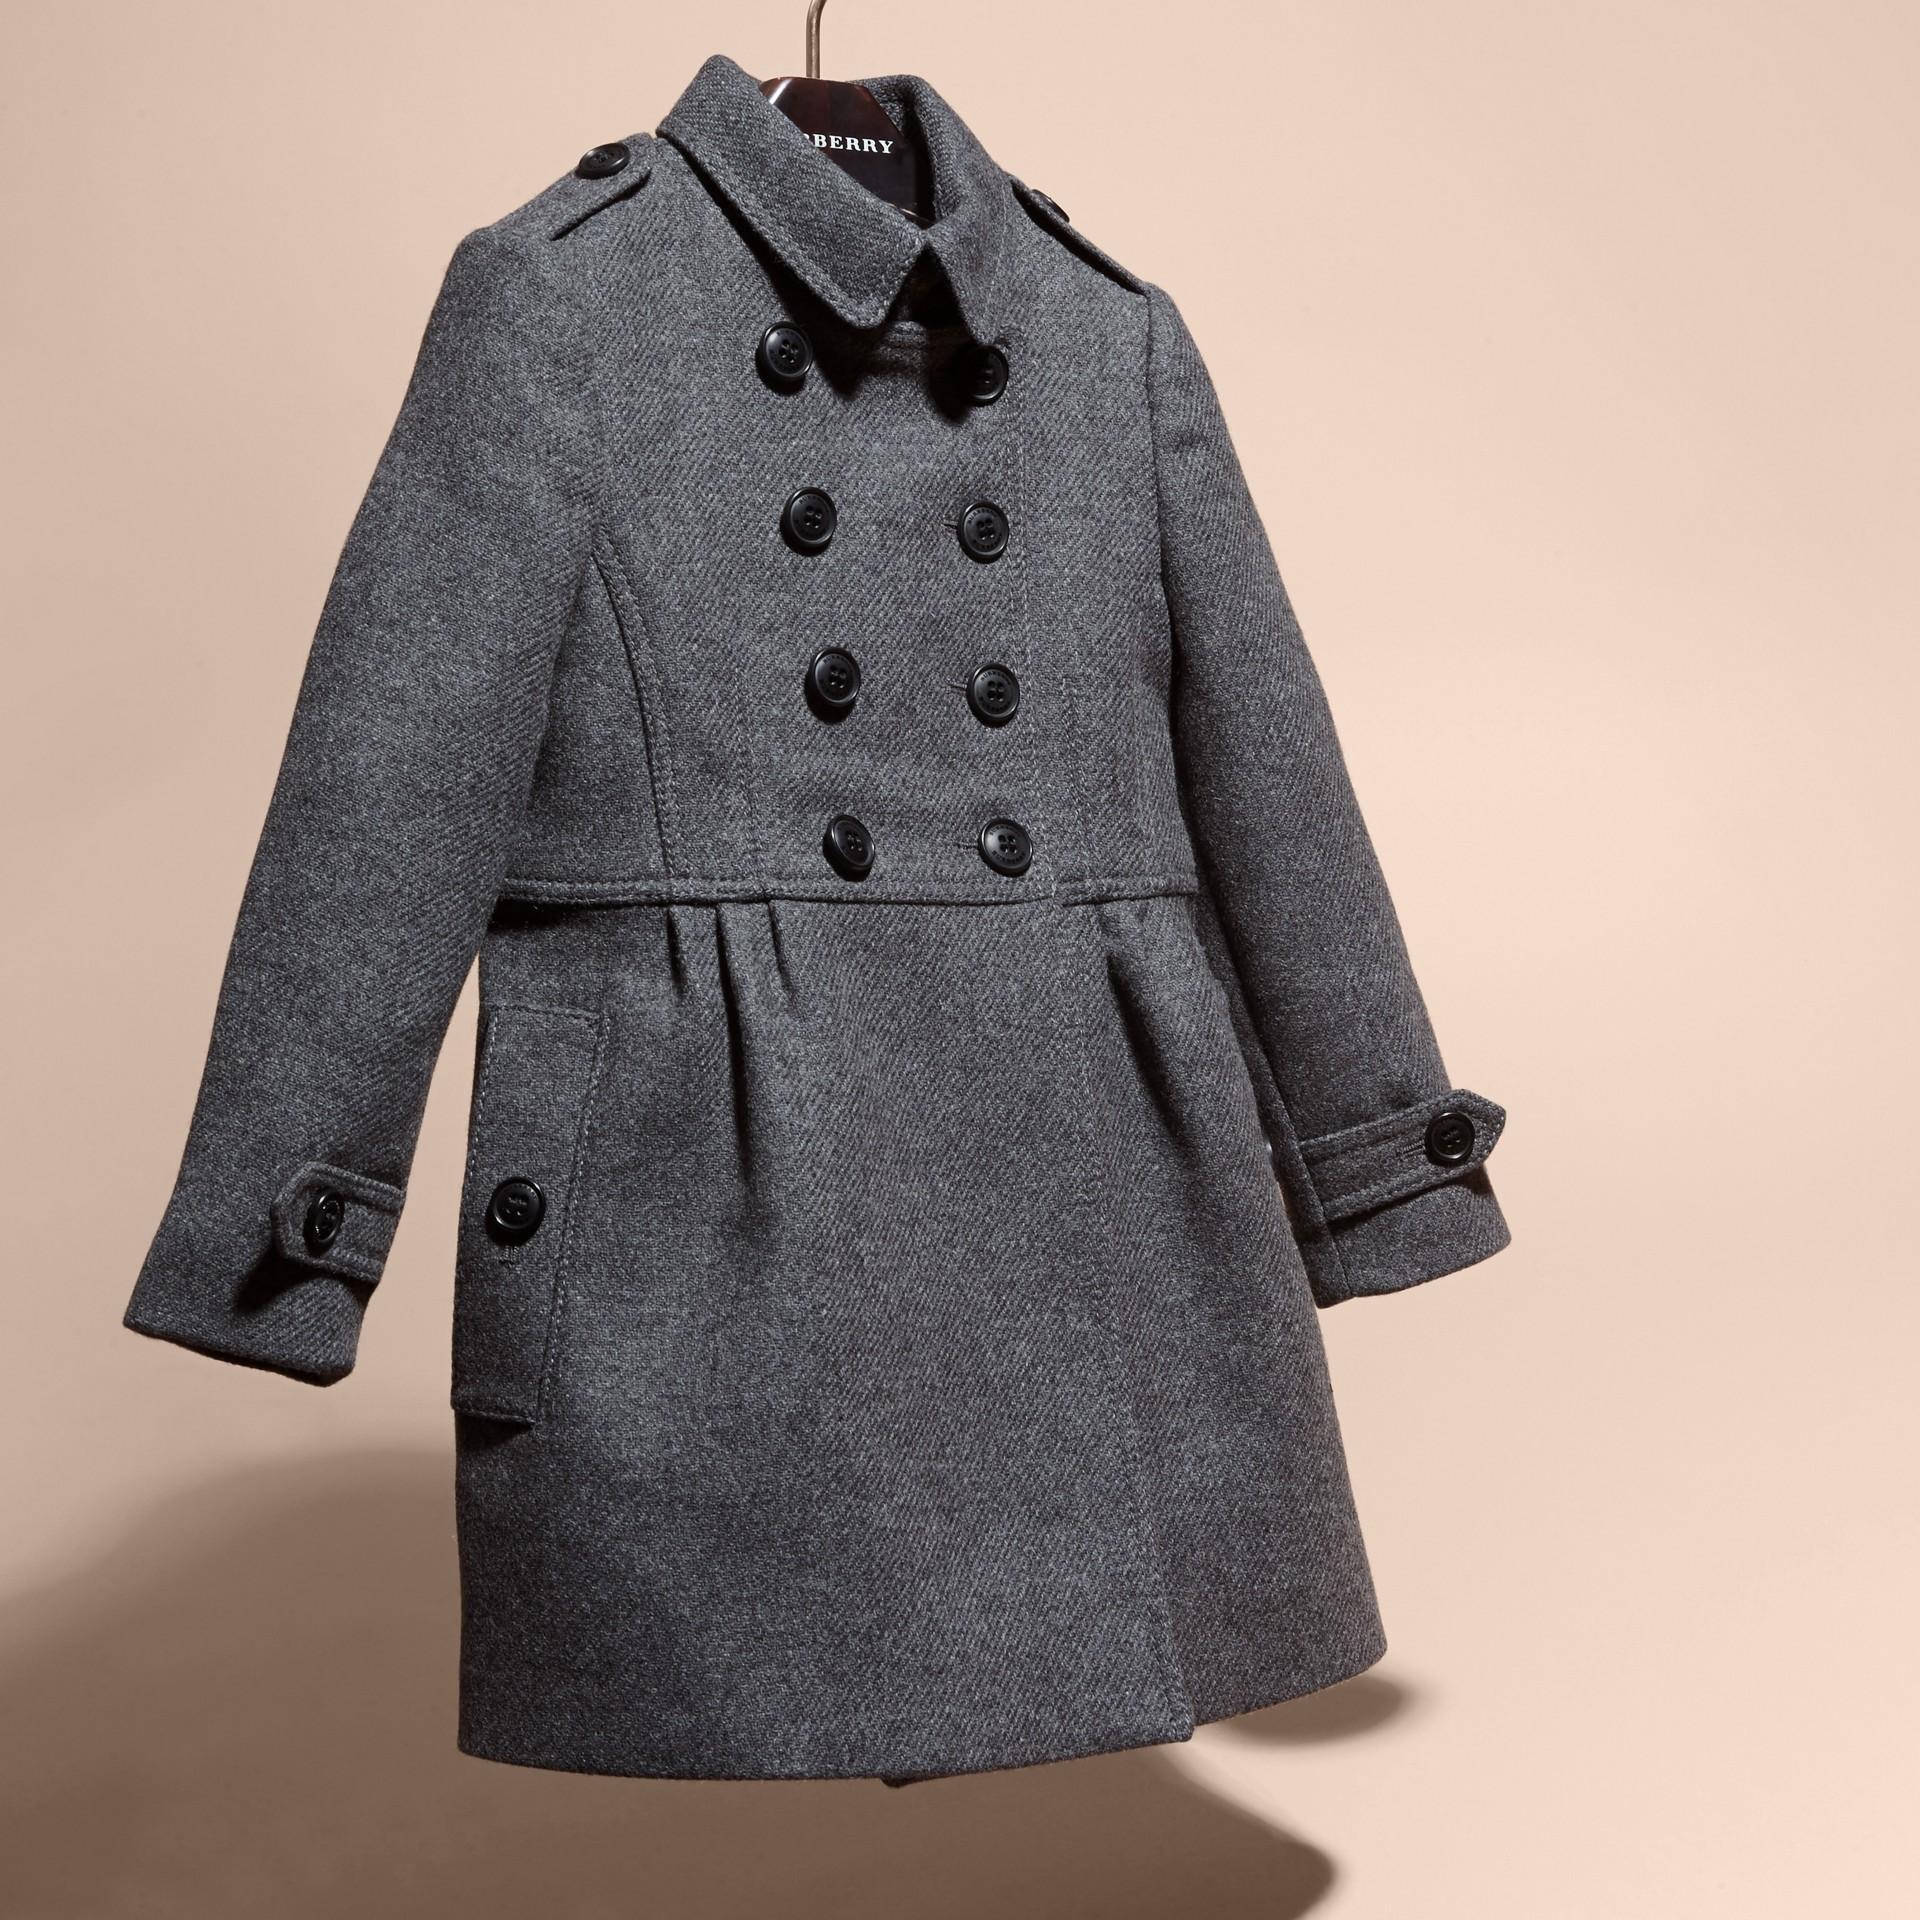 Grigio medio mélange Cappotto sartoriale in misto lana e cashmere Grigio Medio Mélange - immagine della galleria 3